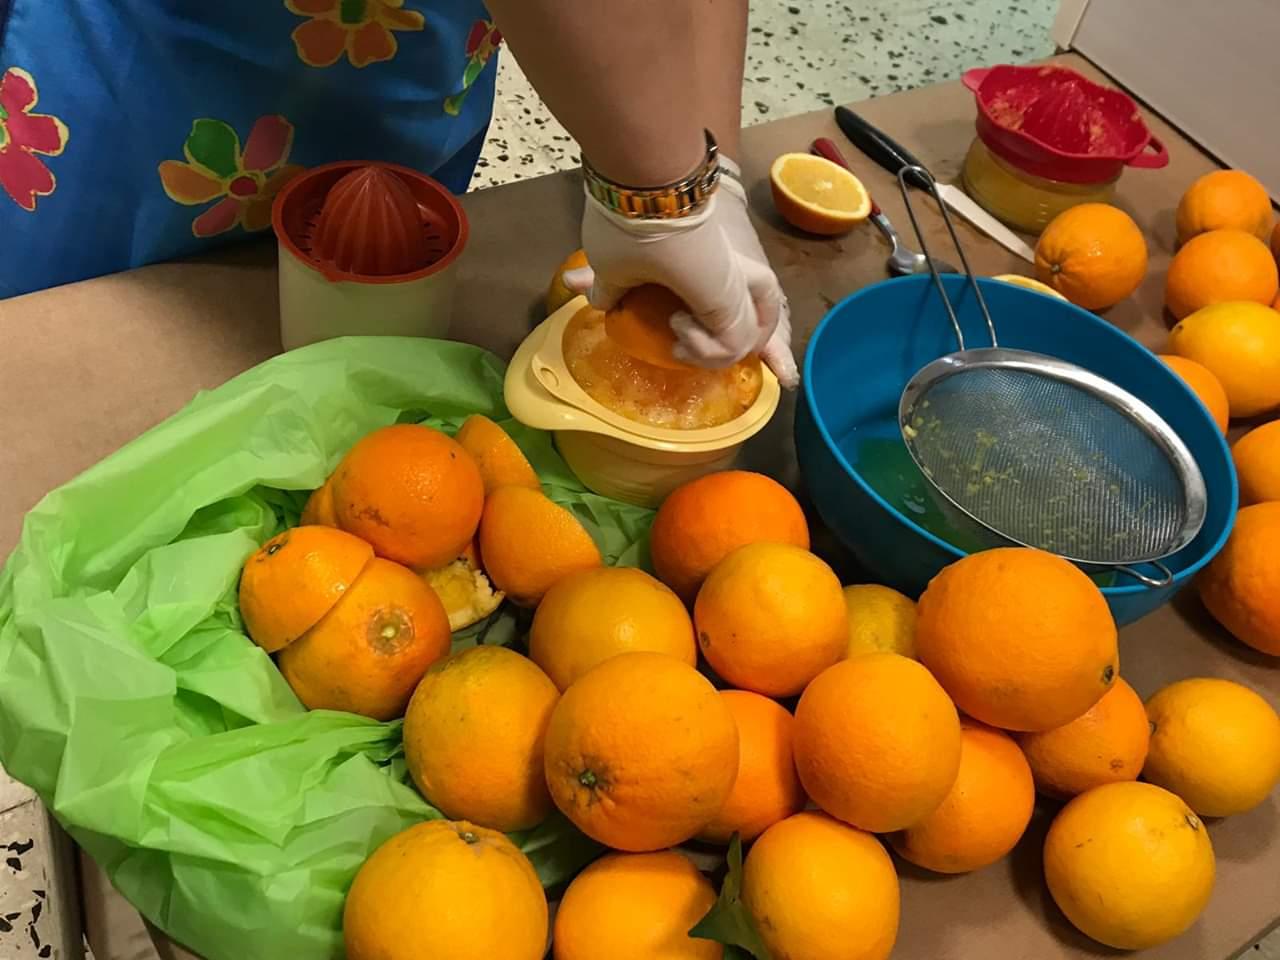 Le arance di Jalari vanno a scuola Azienda Agricola Biologica Jalari